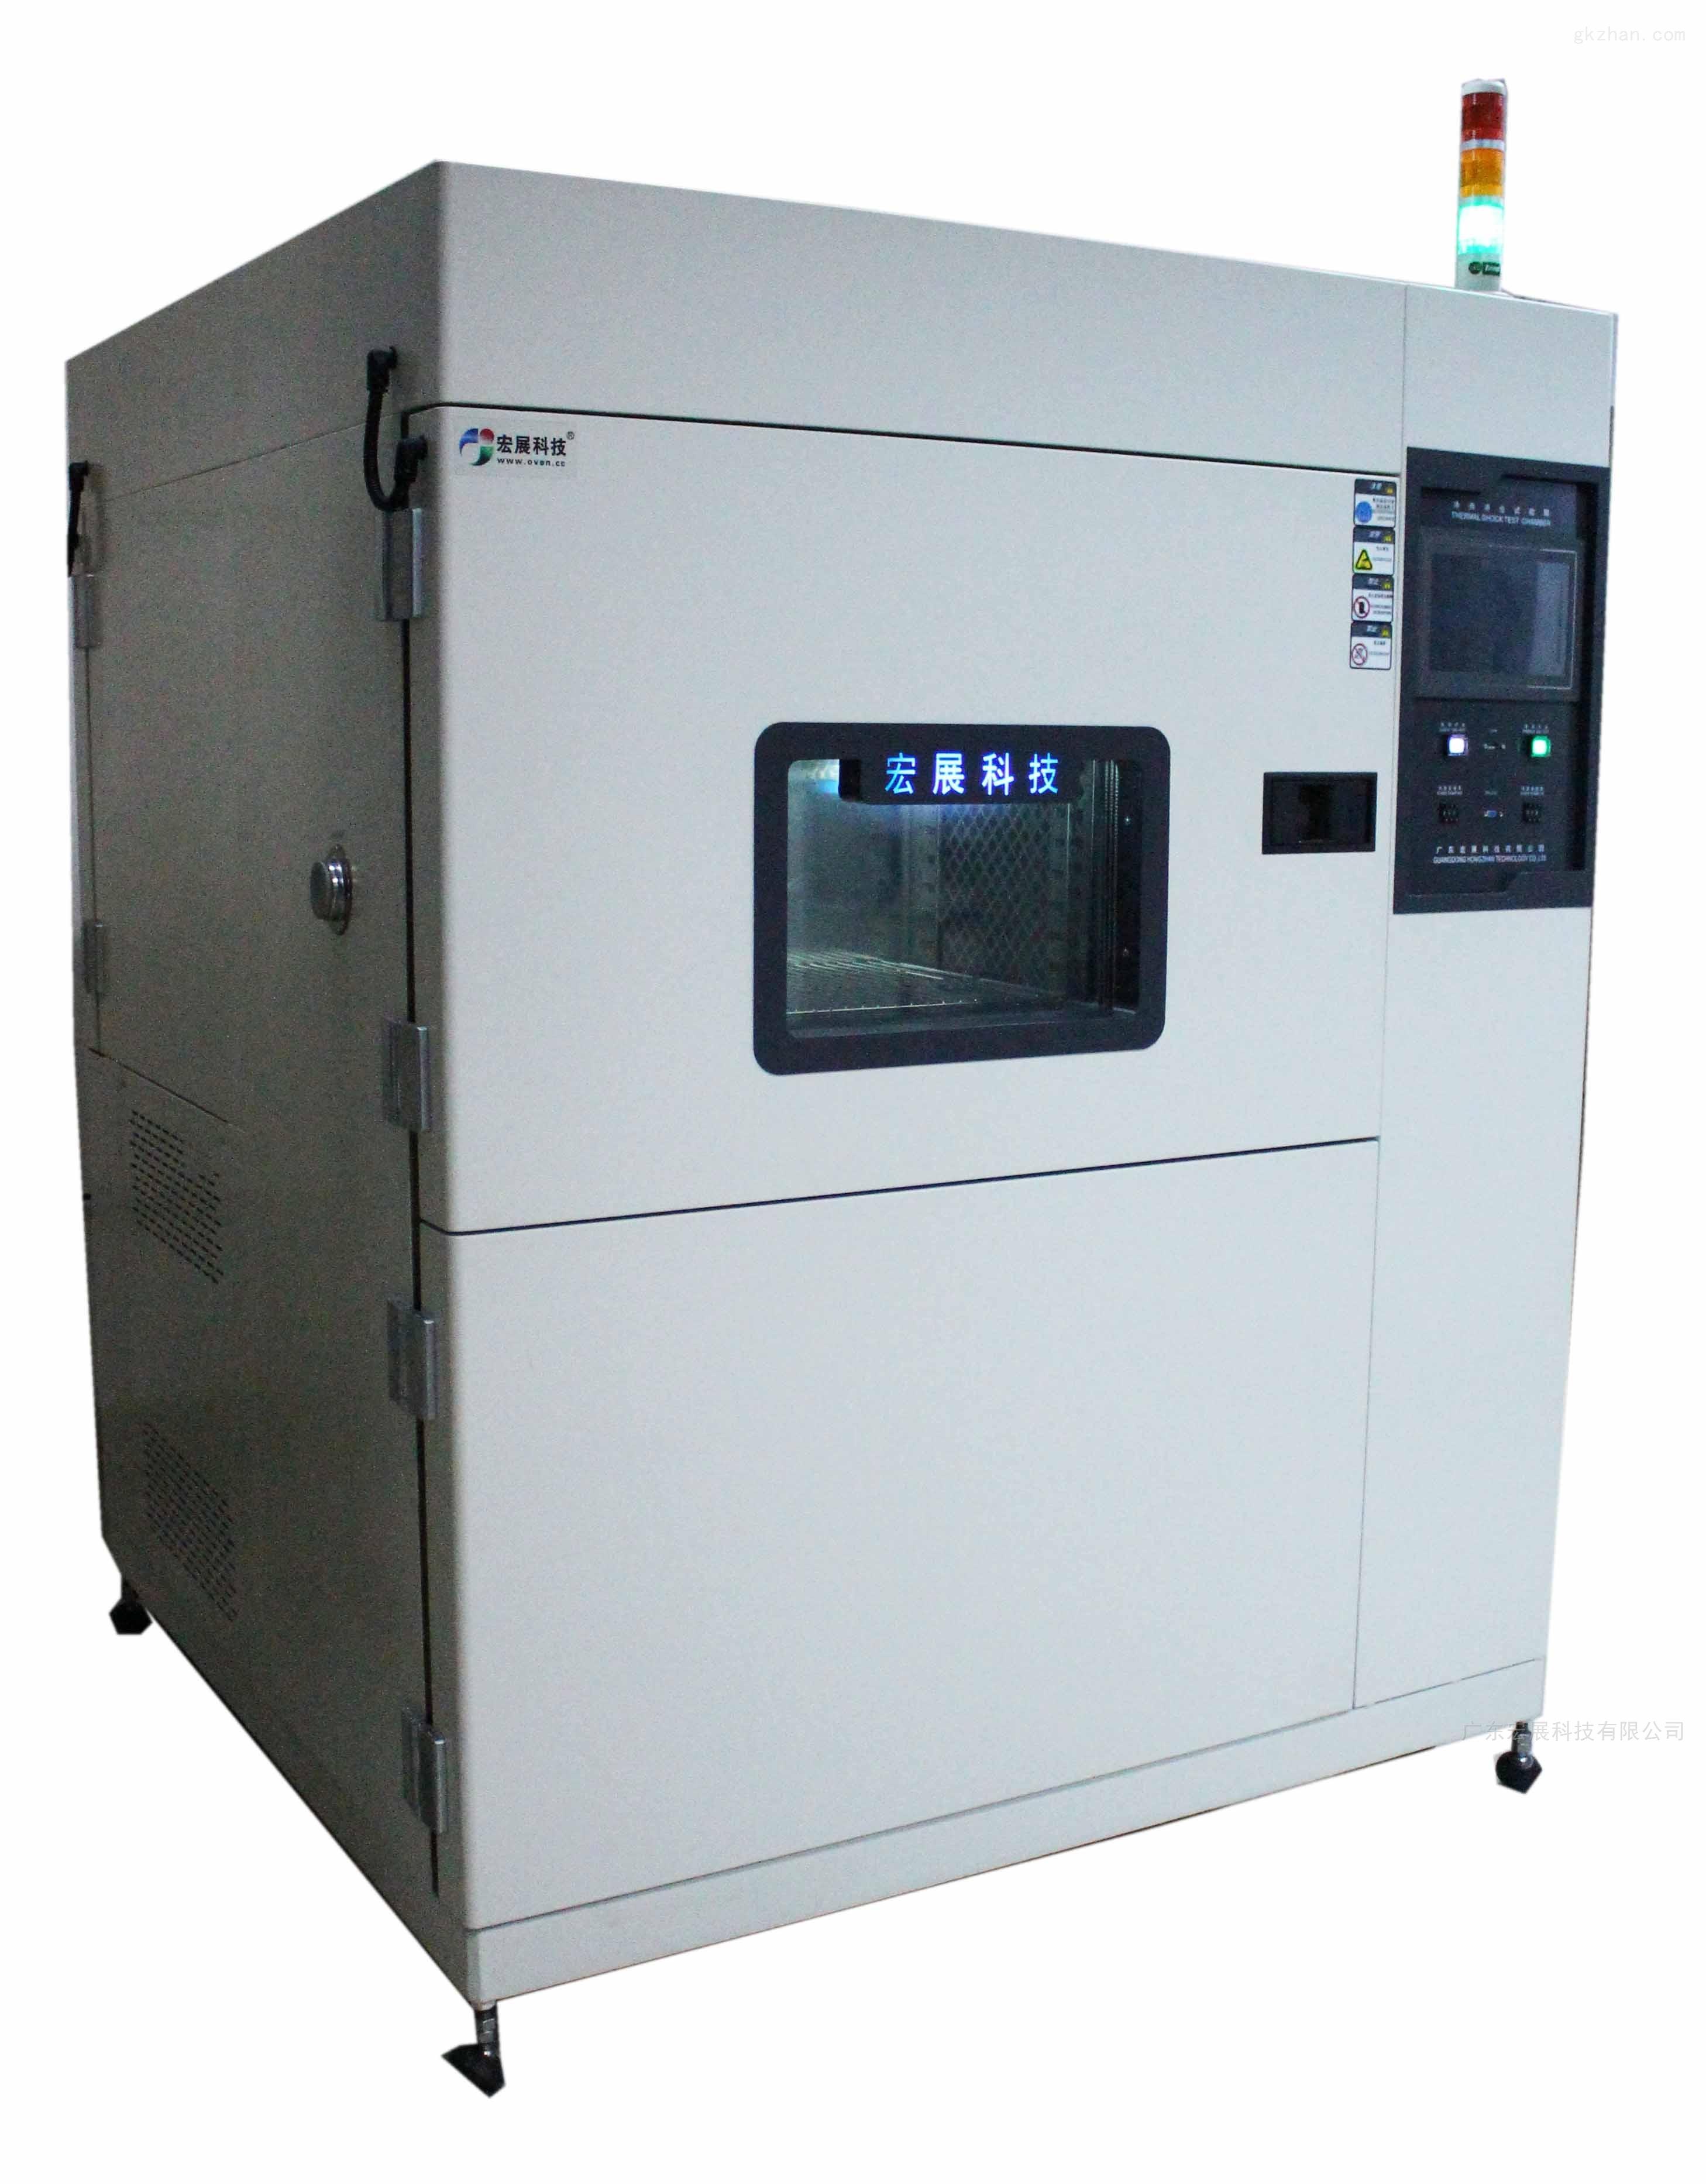 武汉电池通信冷热冲击试验箱